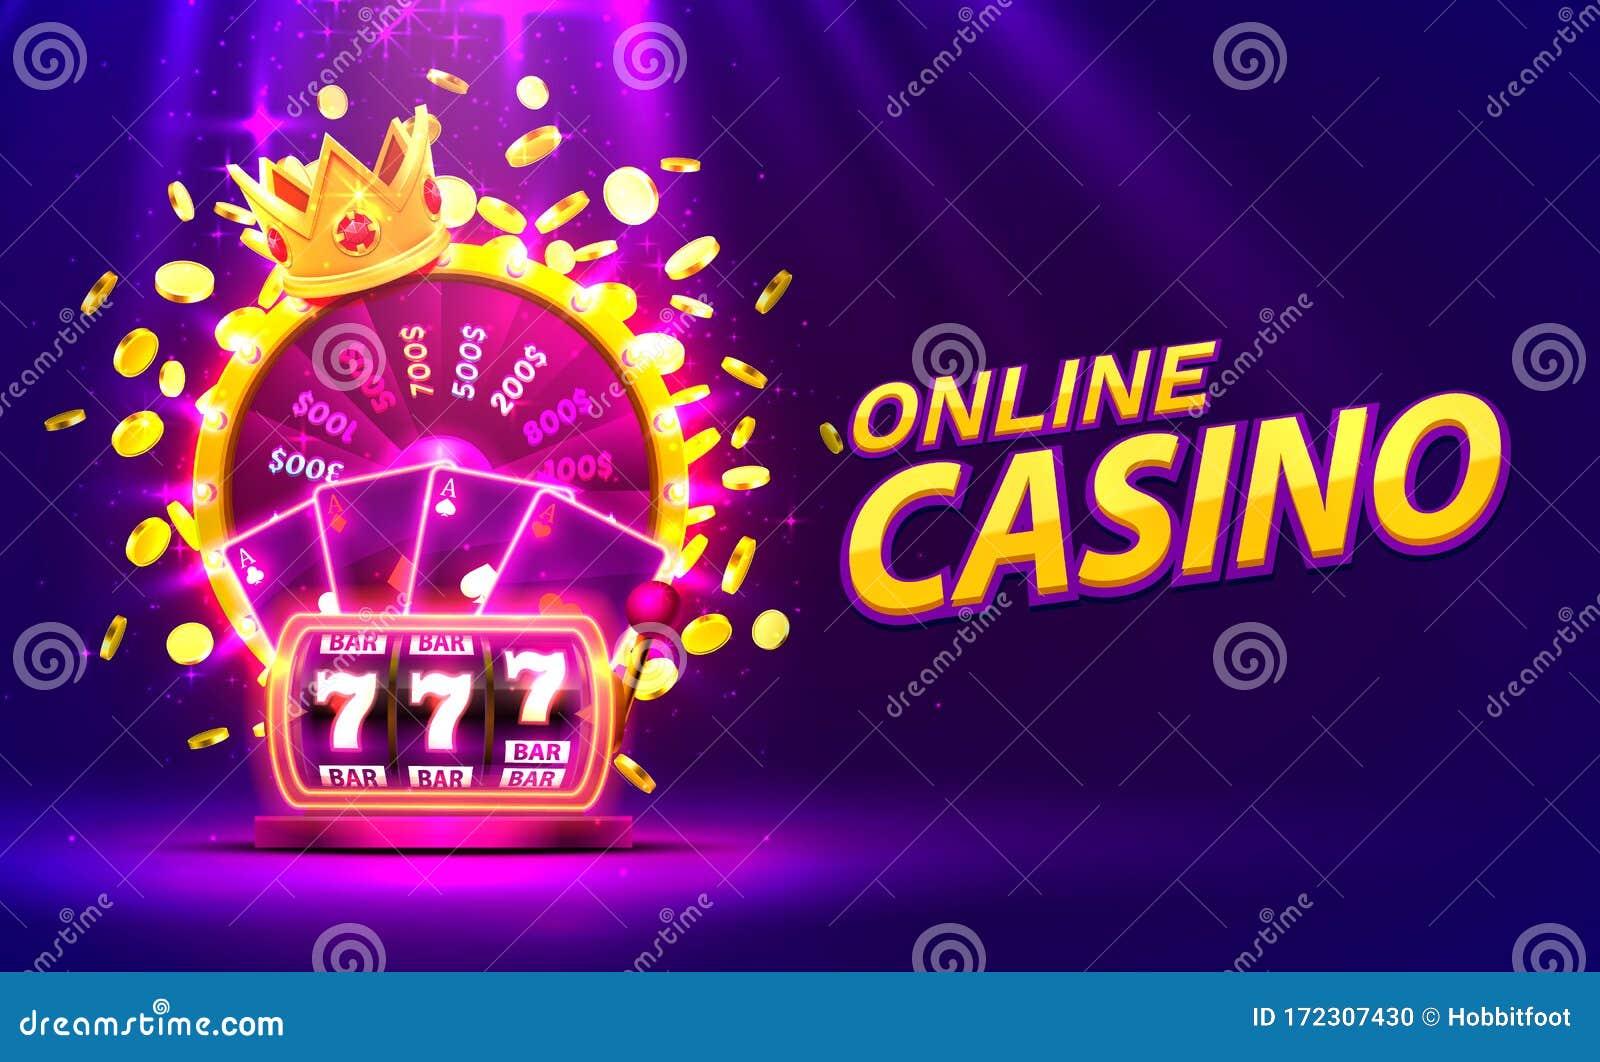 Казино голден онлайн бесплатно играть в карты онлайн бесплатно в очков